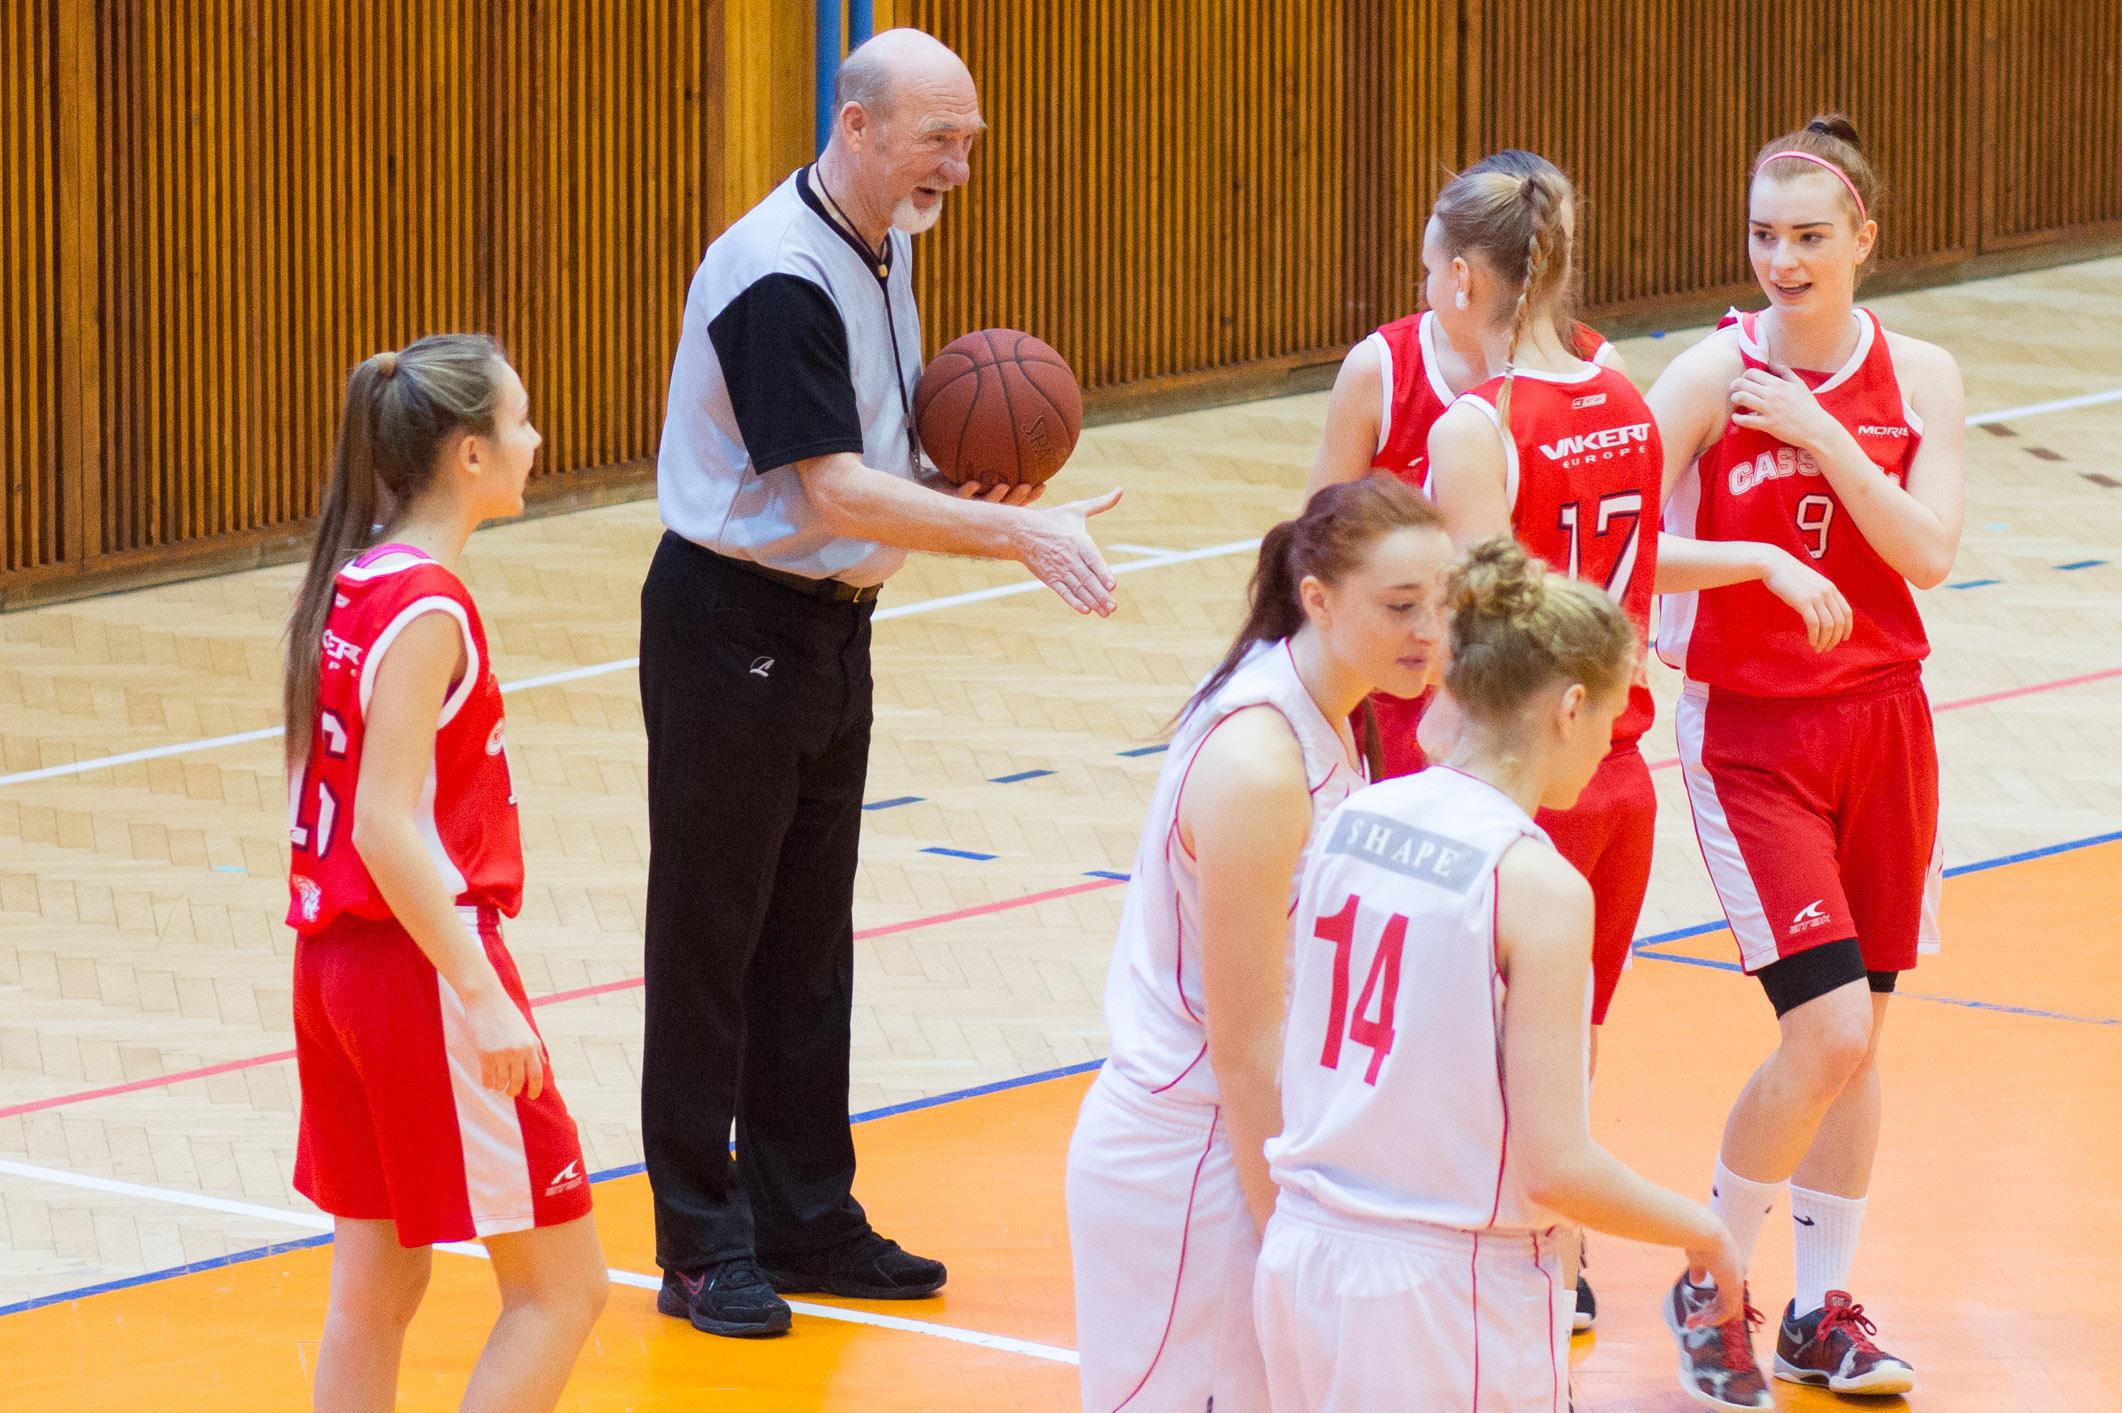 trojkralovy-basketbalovy-turnaj-2014-zvolen-17